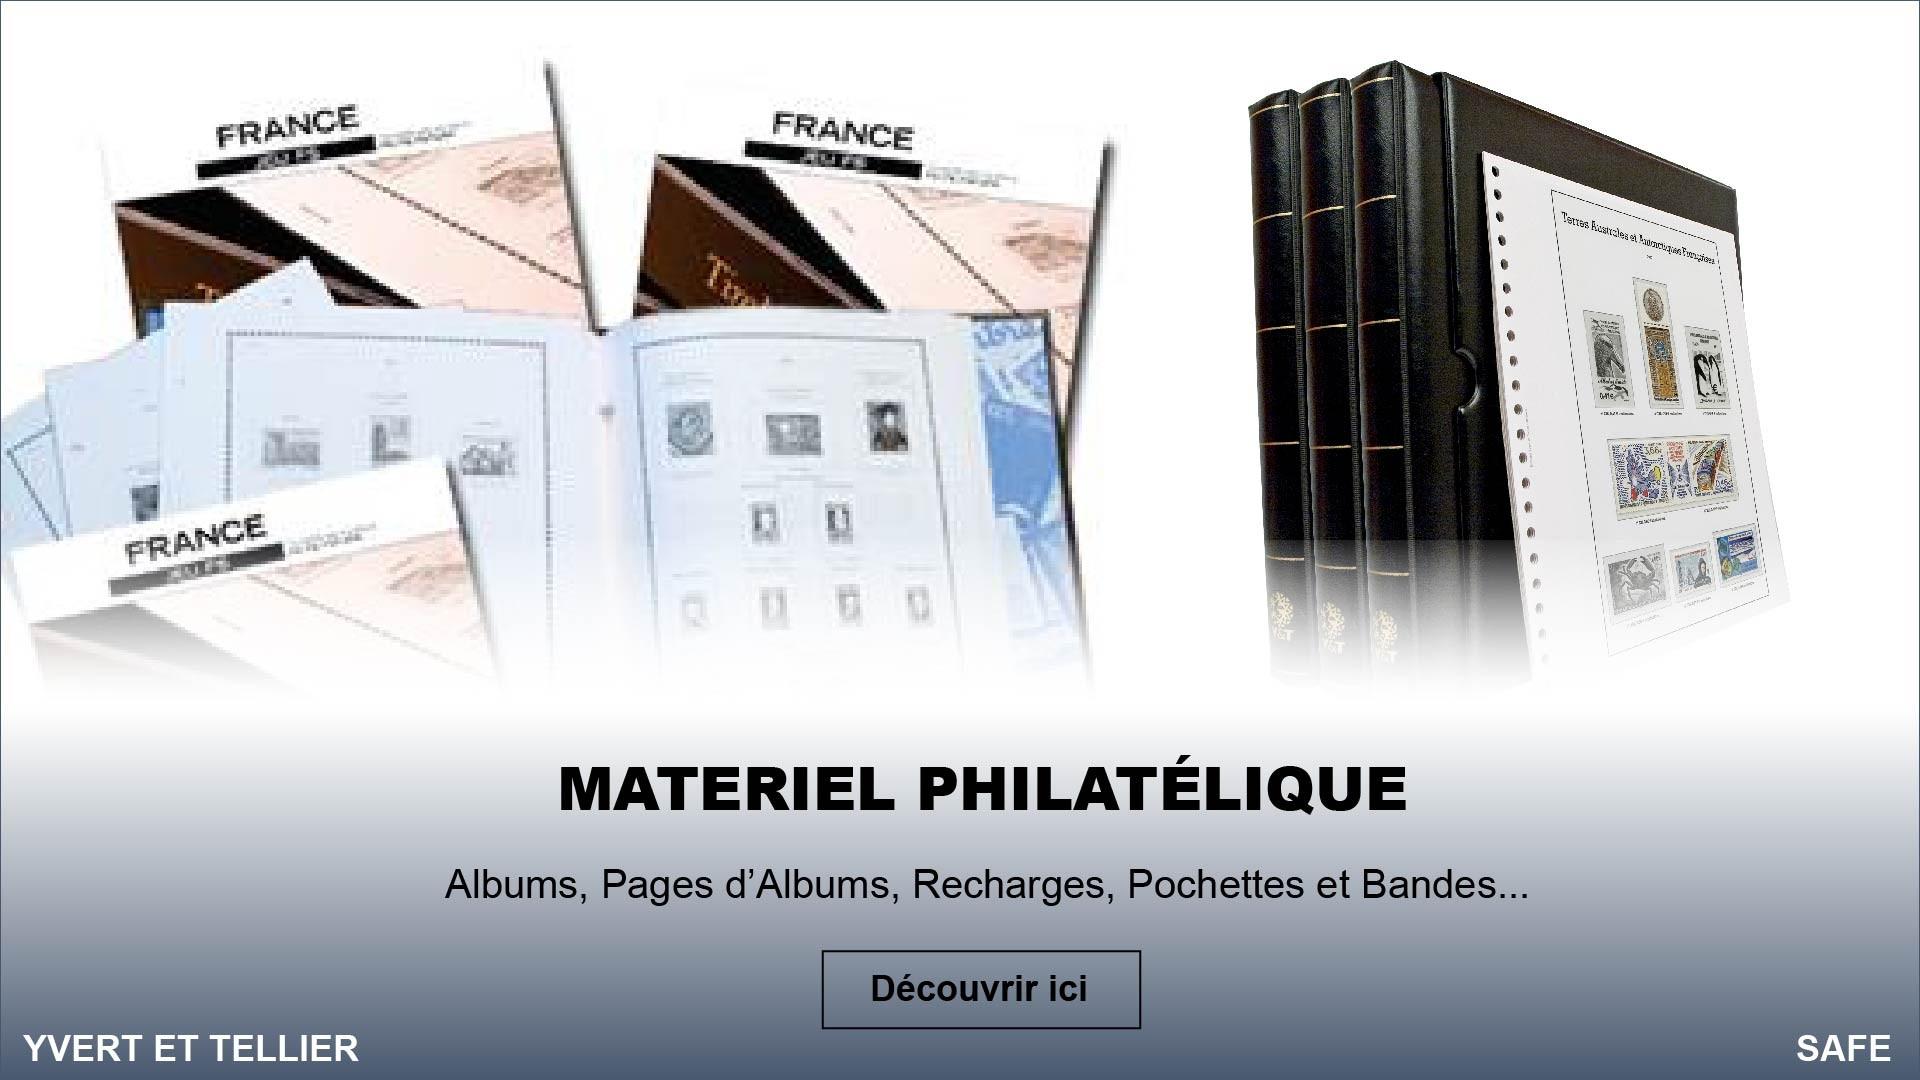 Matériel Philatélique